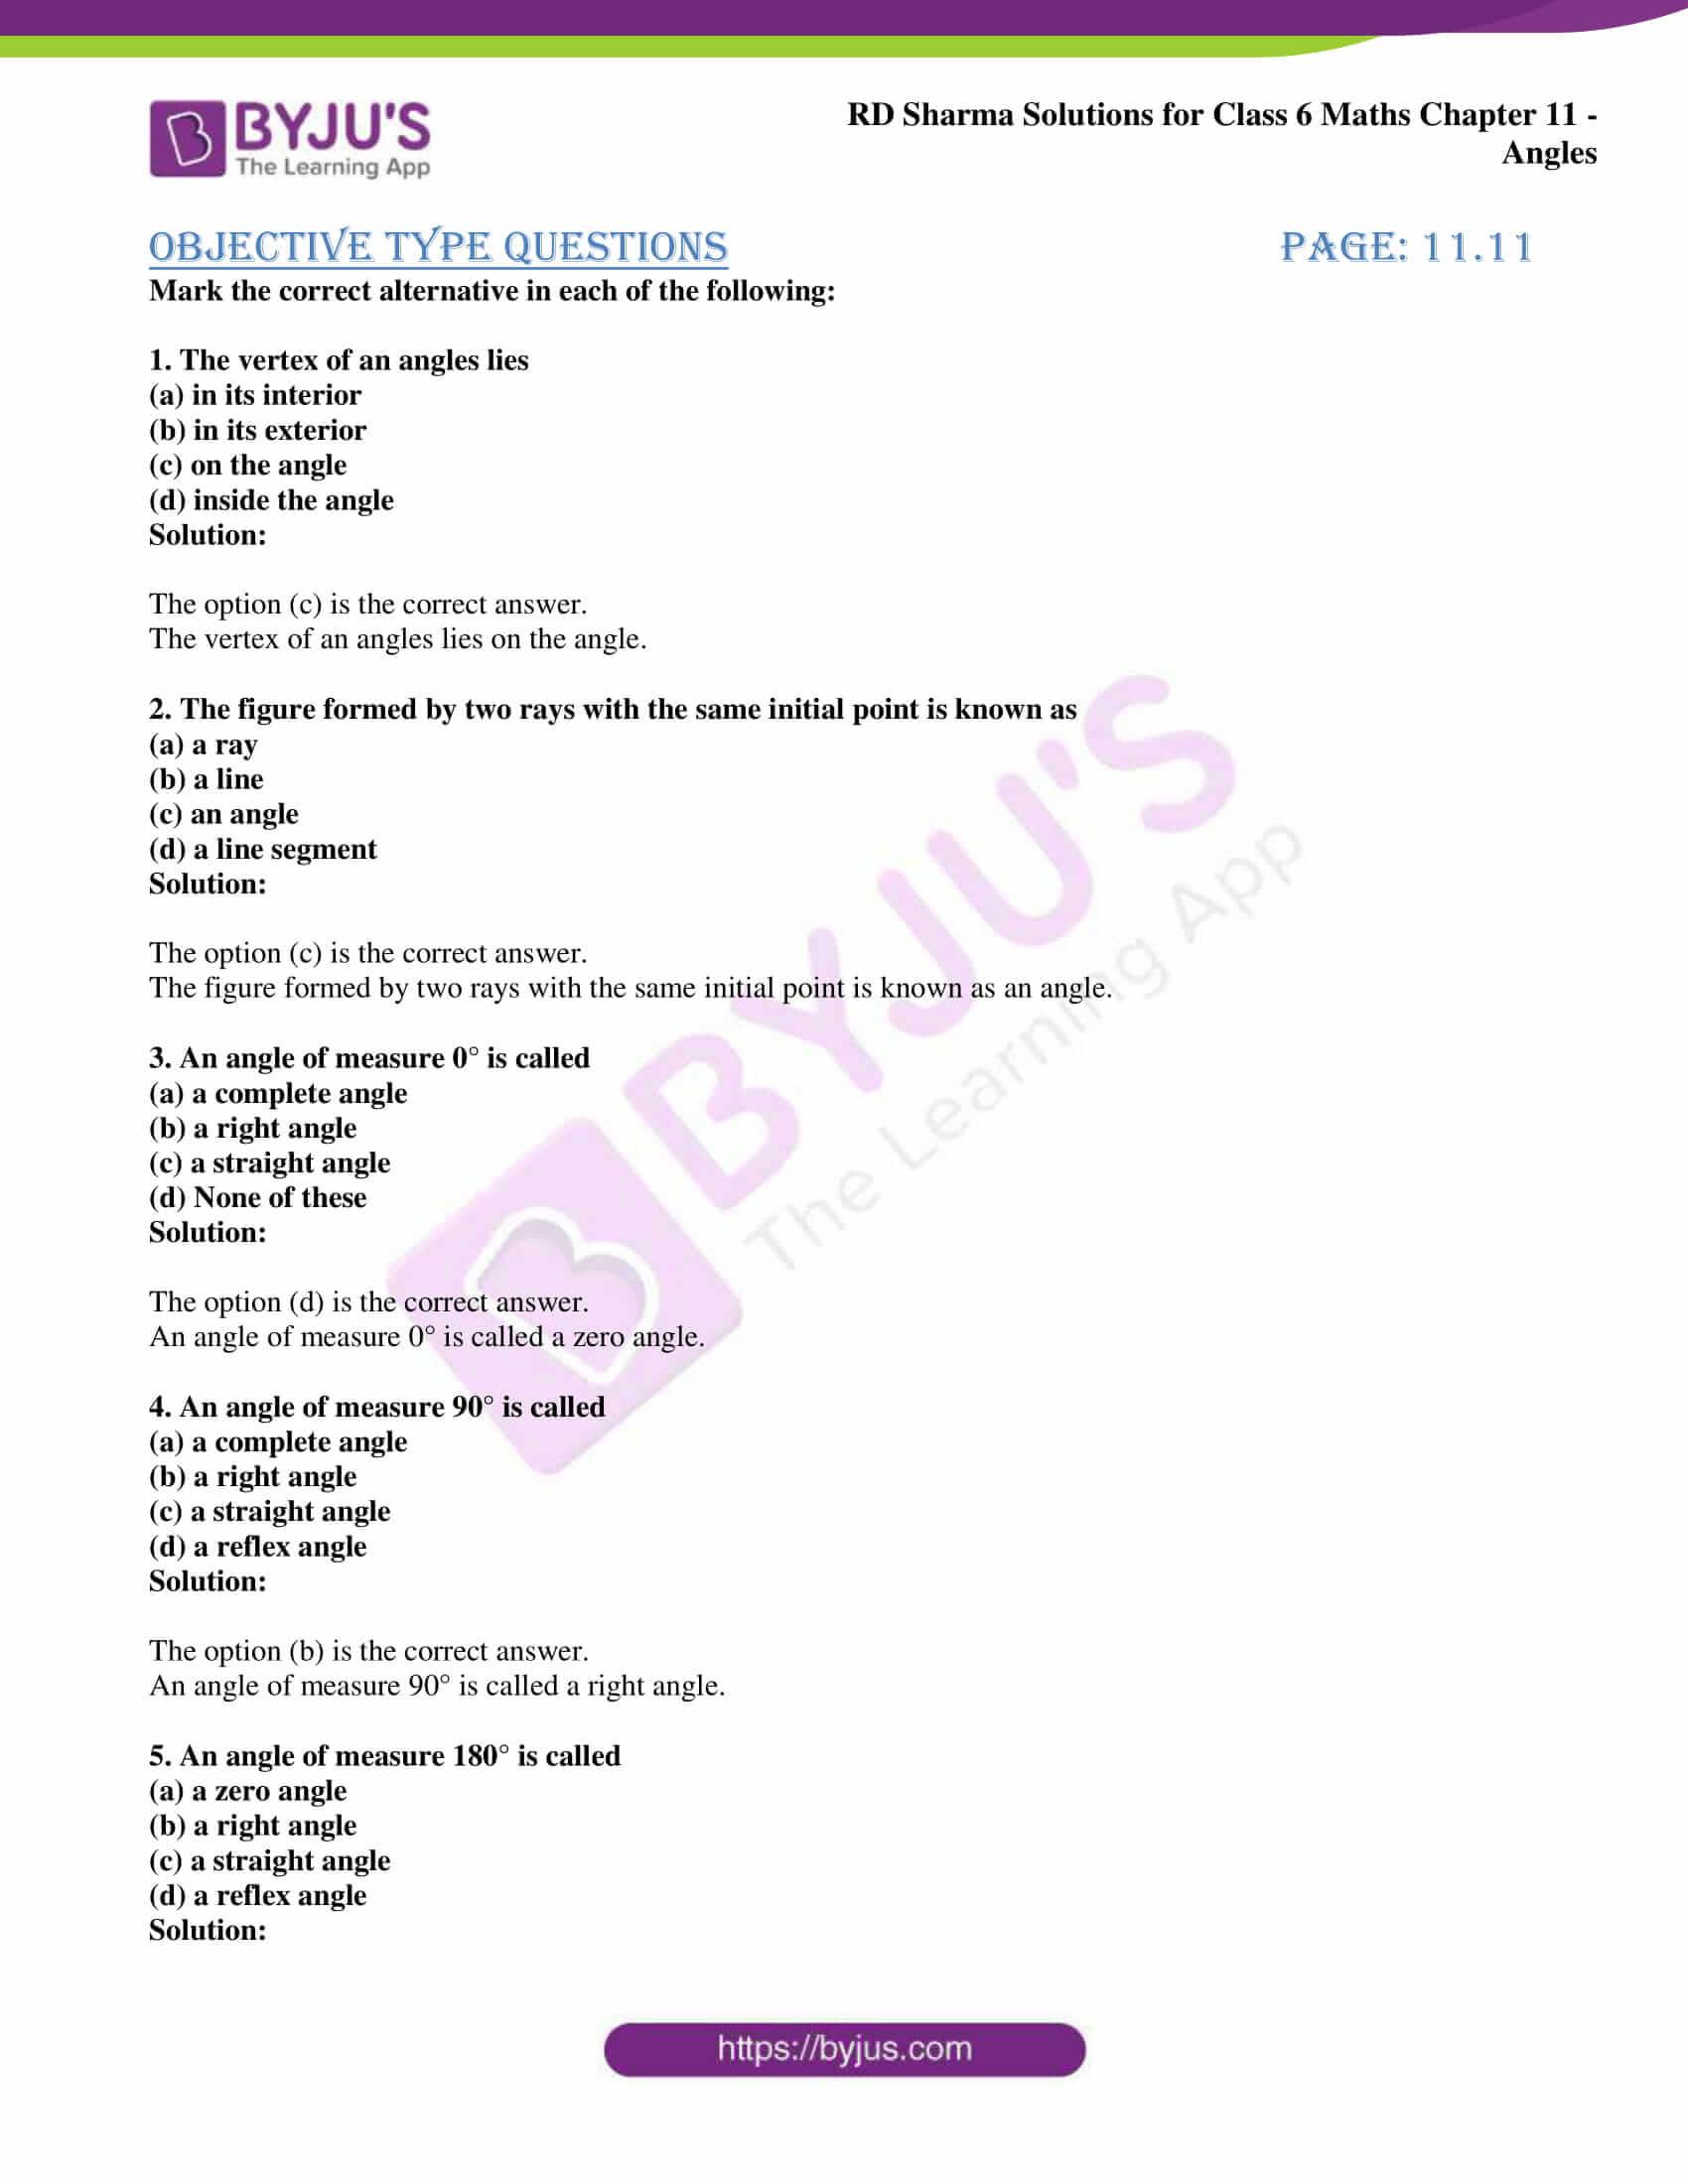 rd sharma class 6 maths solutions chapter 11 obj 1